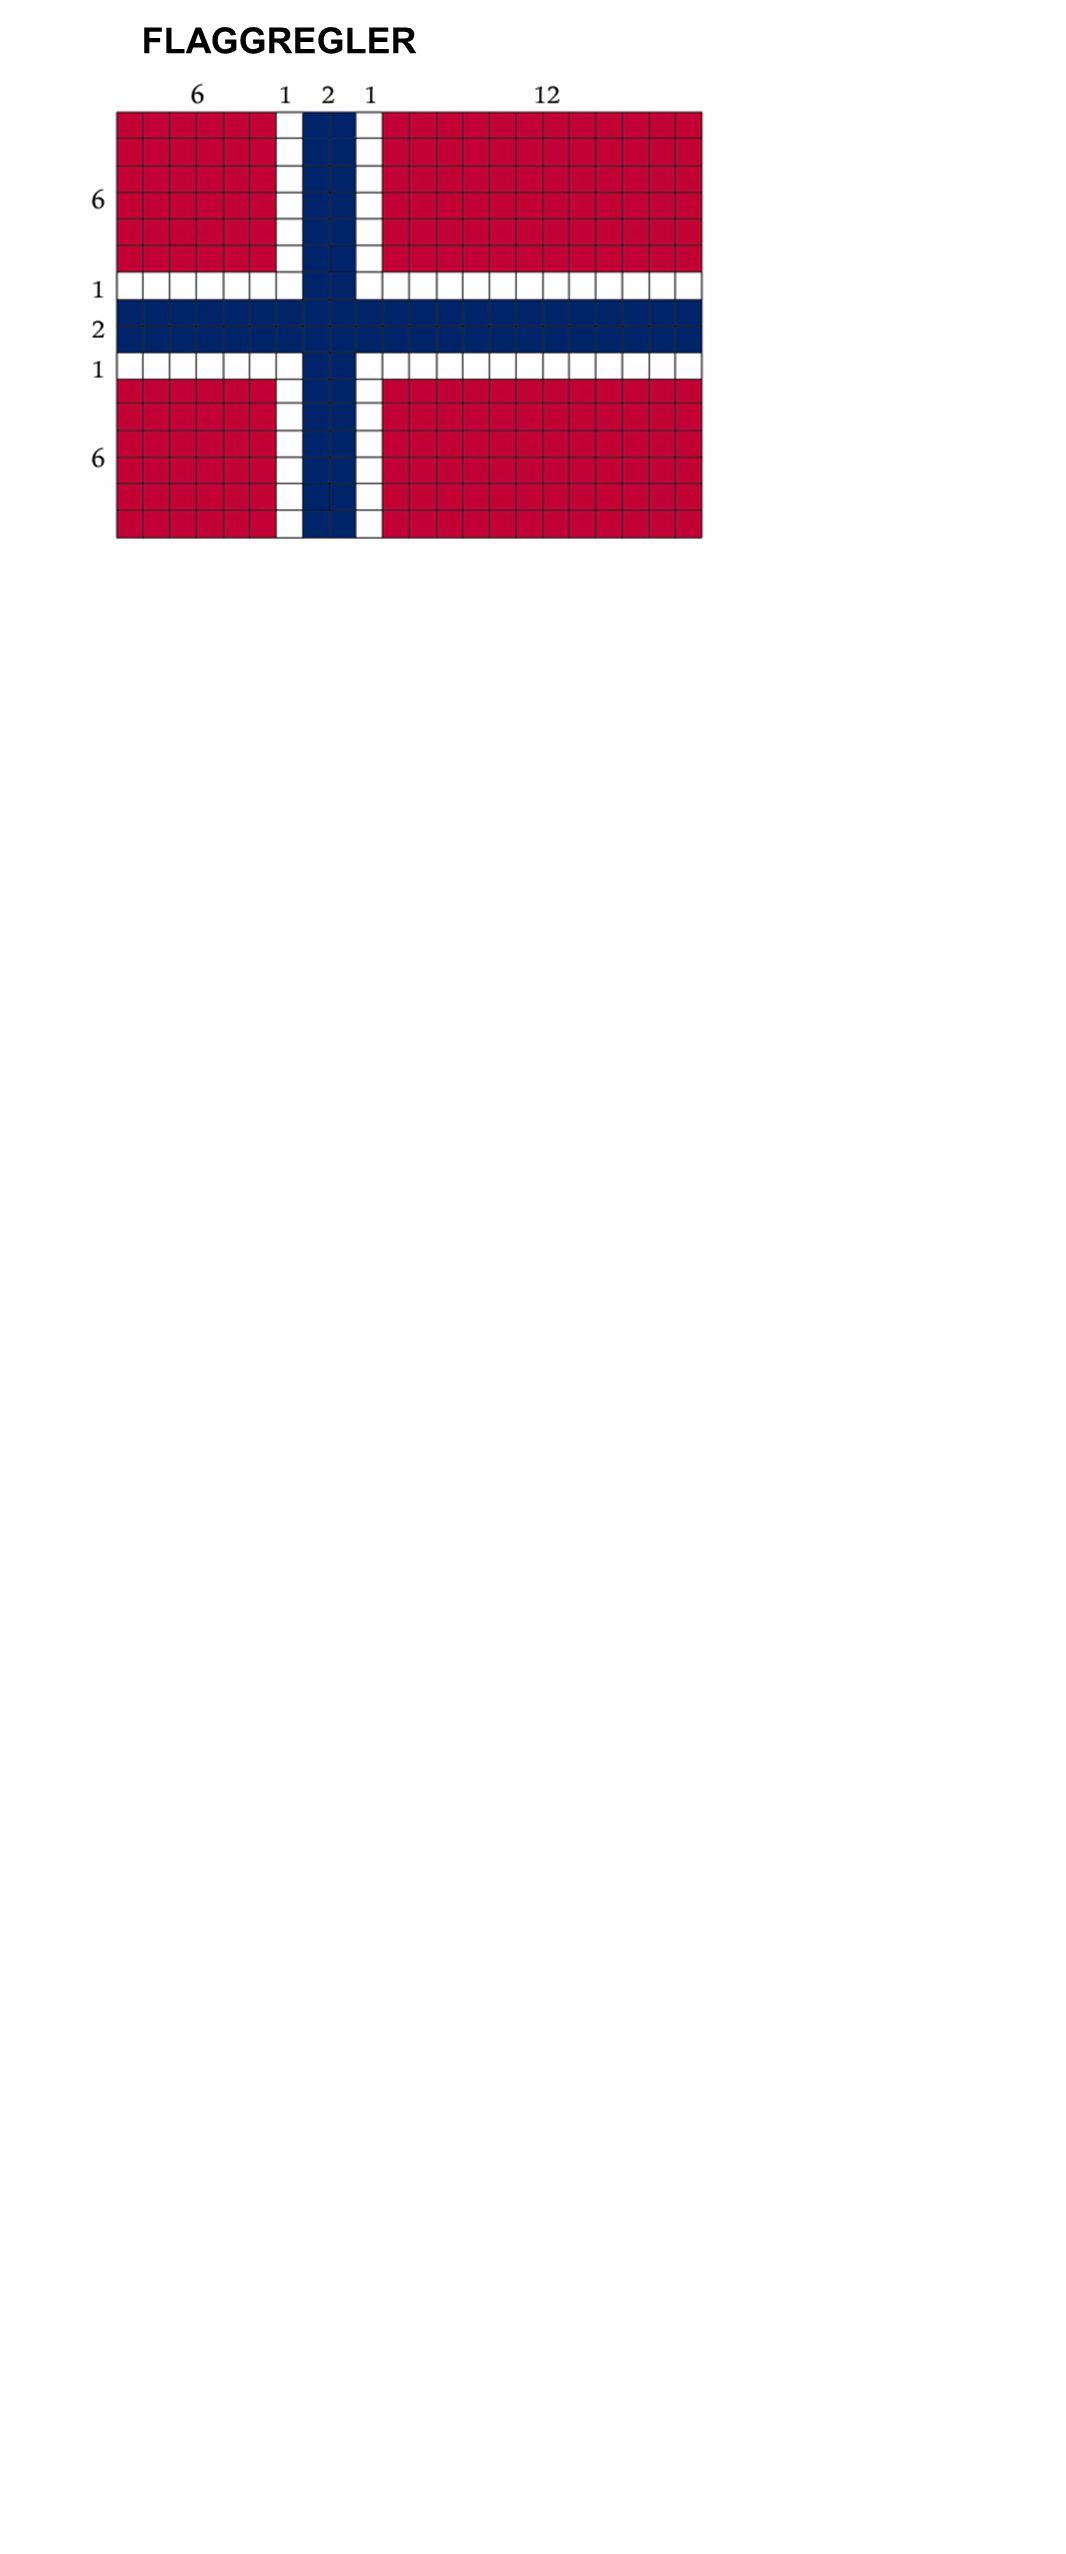 Viktige flaggregler i Norge: ·Man skal behandle et flagg med respekt ·Et flagg skal aldri berøre bakken ·Privatpersoner skal flagge med handelsflagget, mens staten skal flagge med statsflagget som har splitt og tunge ·Flaggets lengde skal være 1/3 av lengden av flaggstangen når flaggstang står på bakke ·Flagg som står vannrett, eller fra bygning skal være 1/2 av lengden av stangens lengde